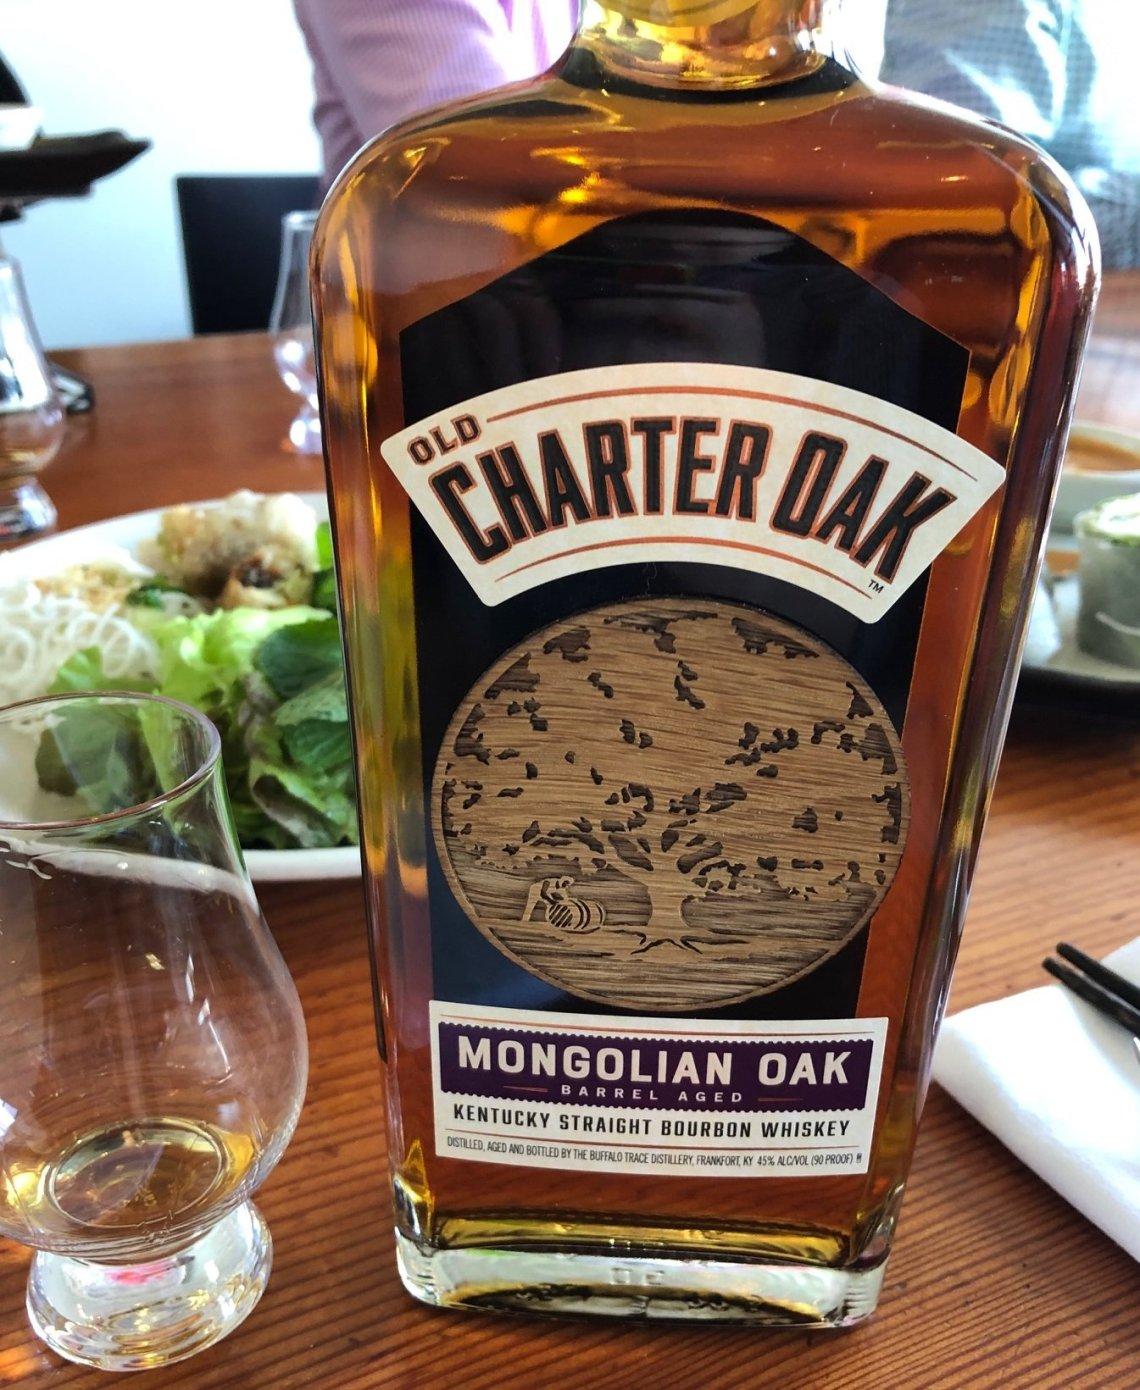 Old Charter Oak Mongolian Oak